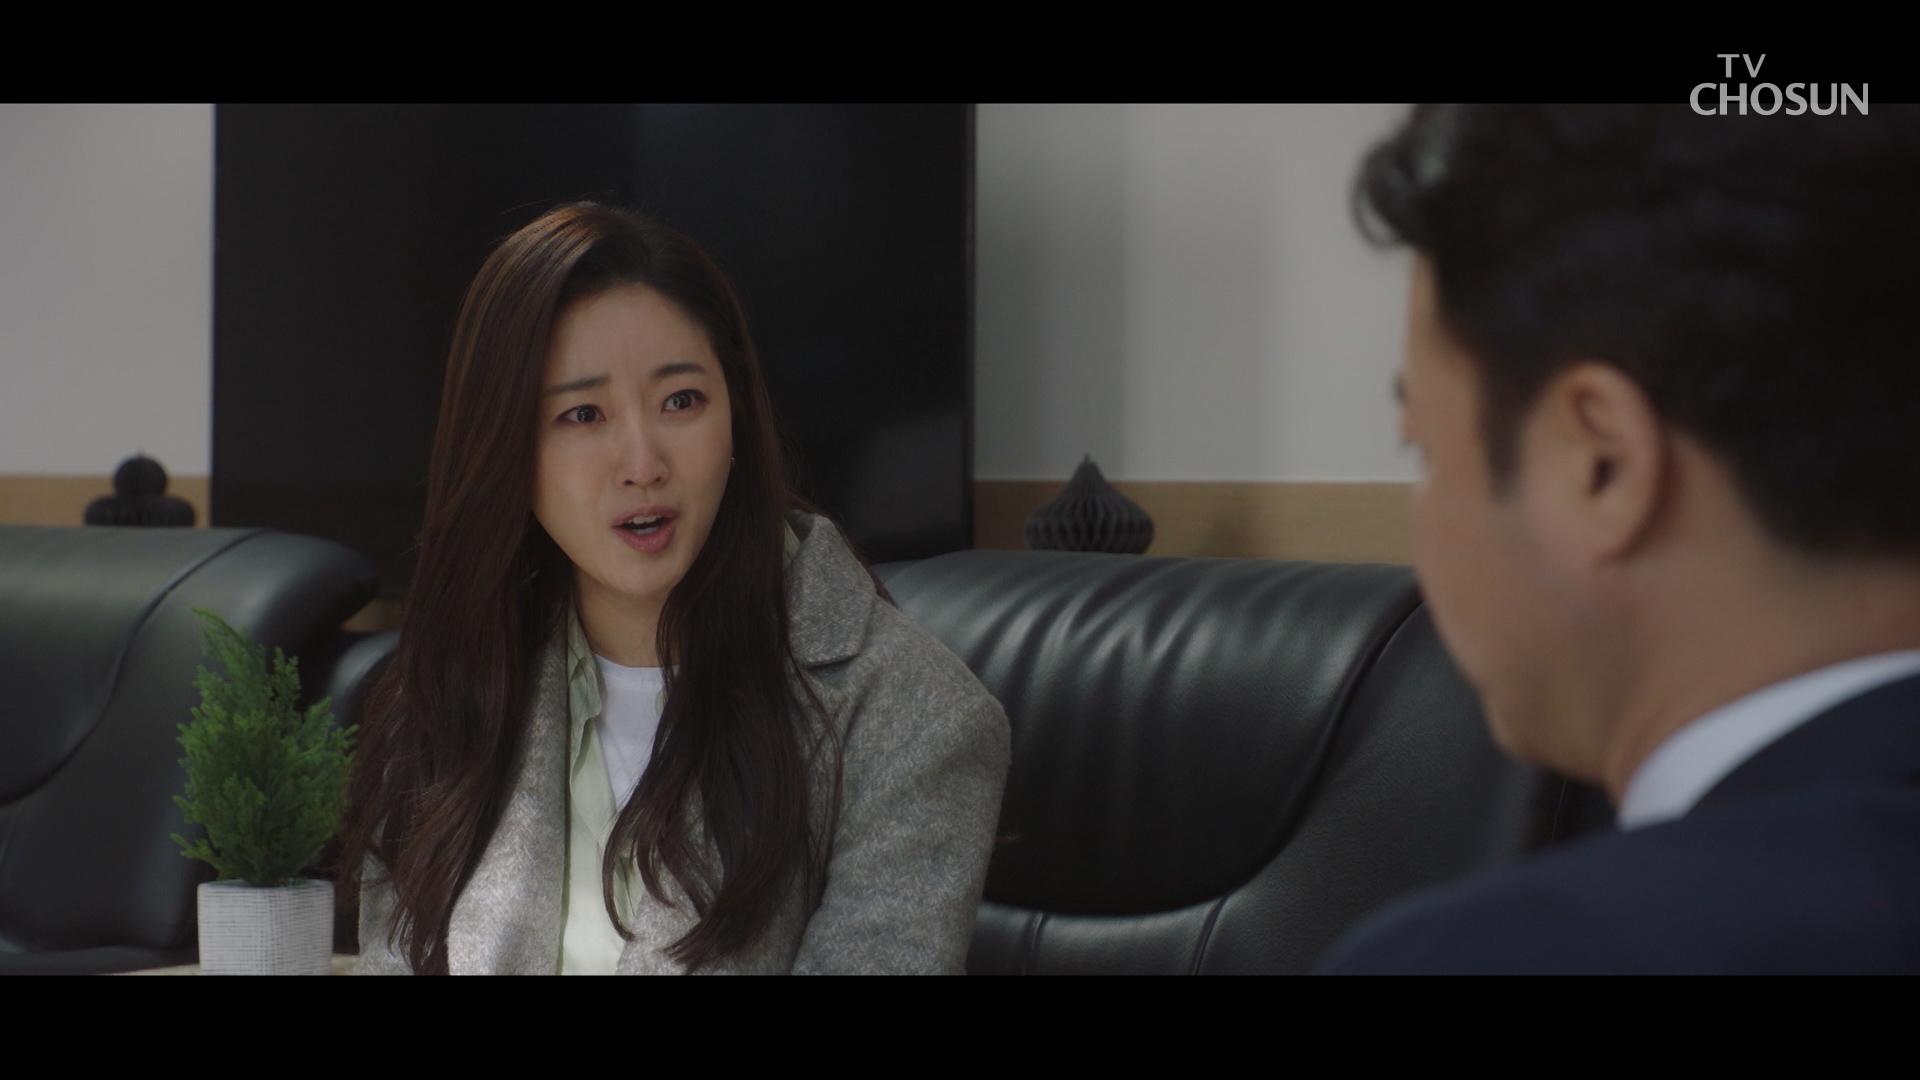 「박은혜 스캔들」 폭로 사건의 모든 걸 알게 된 김사랑 TV CHOSUN 210110 방송